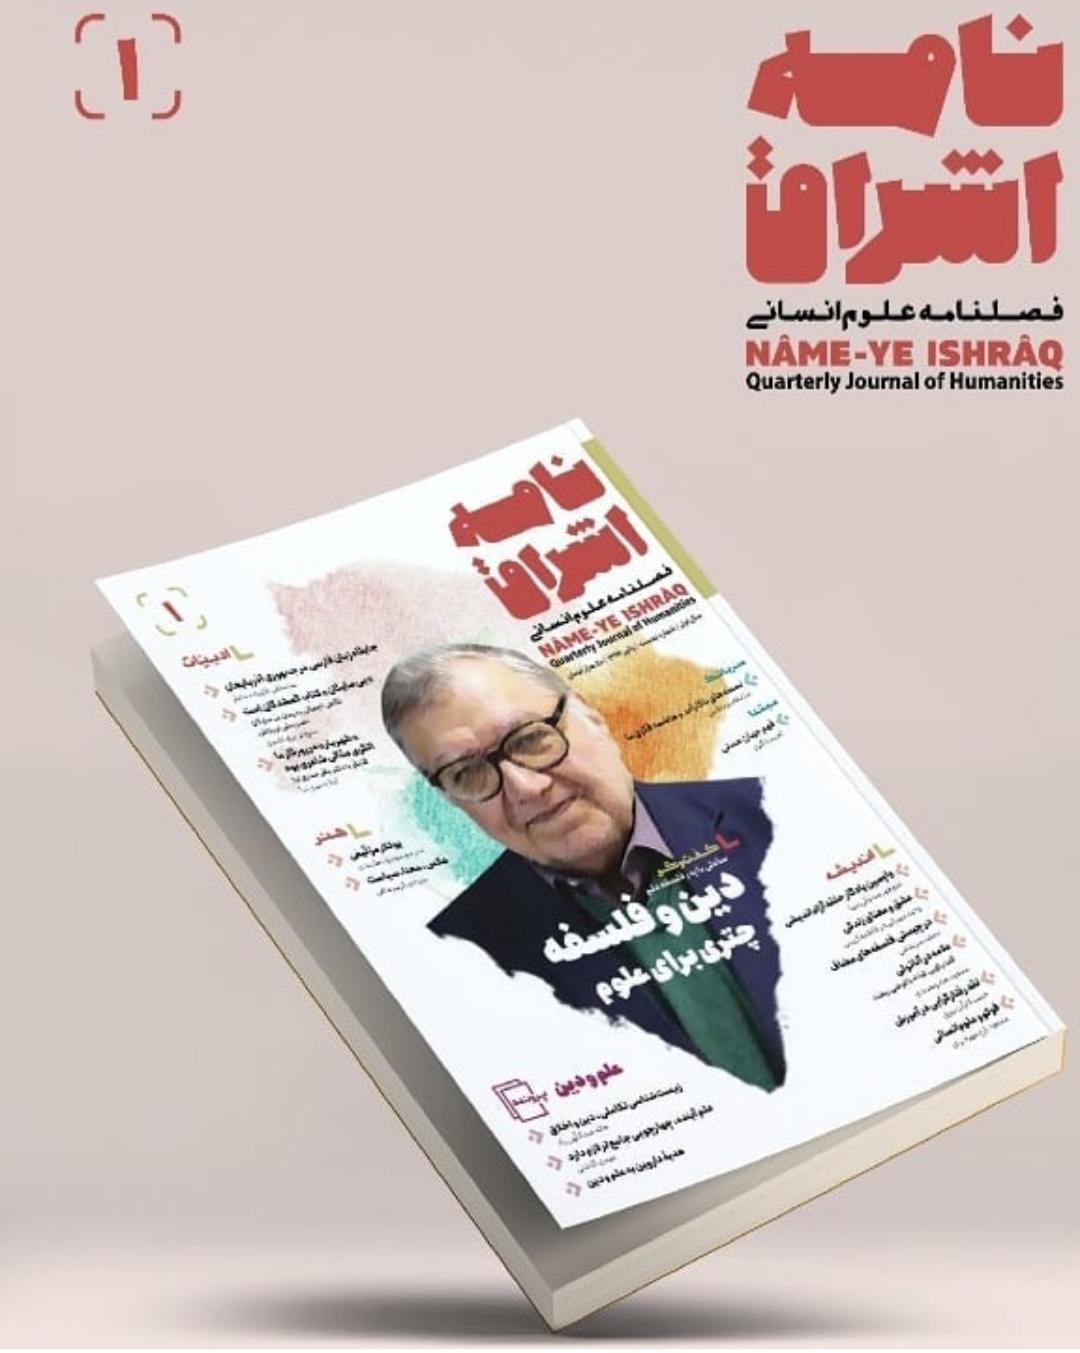 هدف فصلنامه اشراق ارائه موضوعات تخصصی فلسفی و ادبی به صورت عامه فهم است